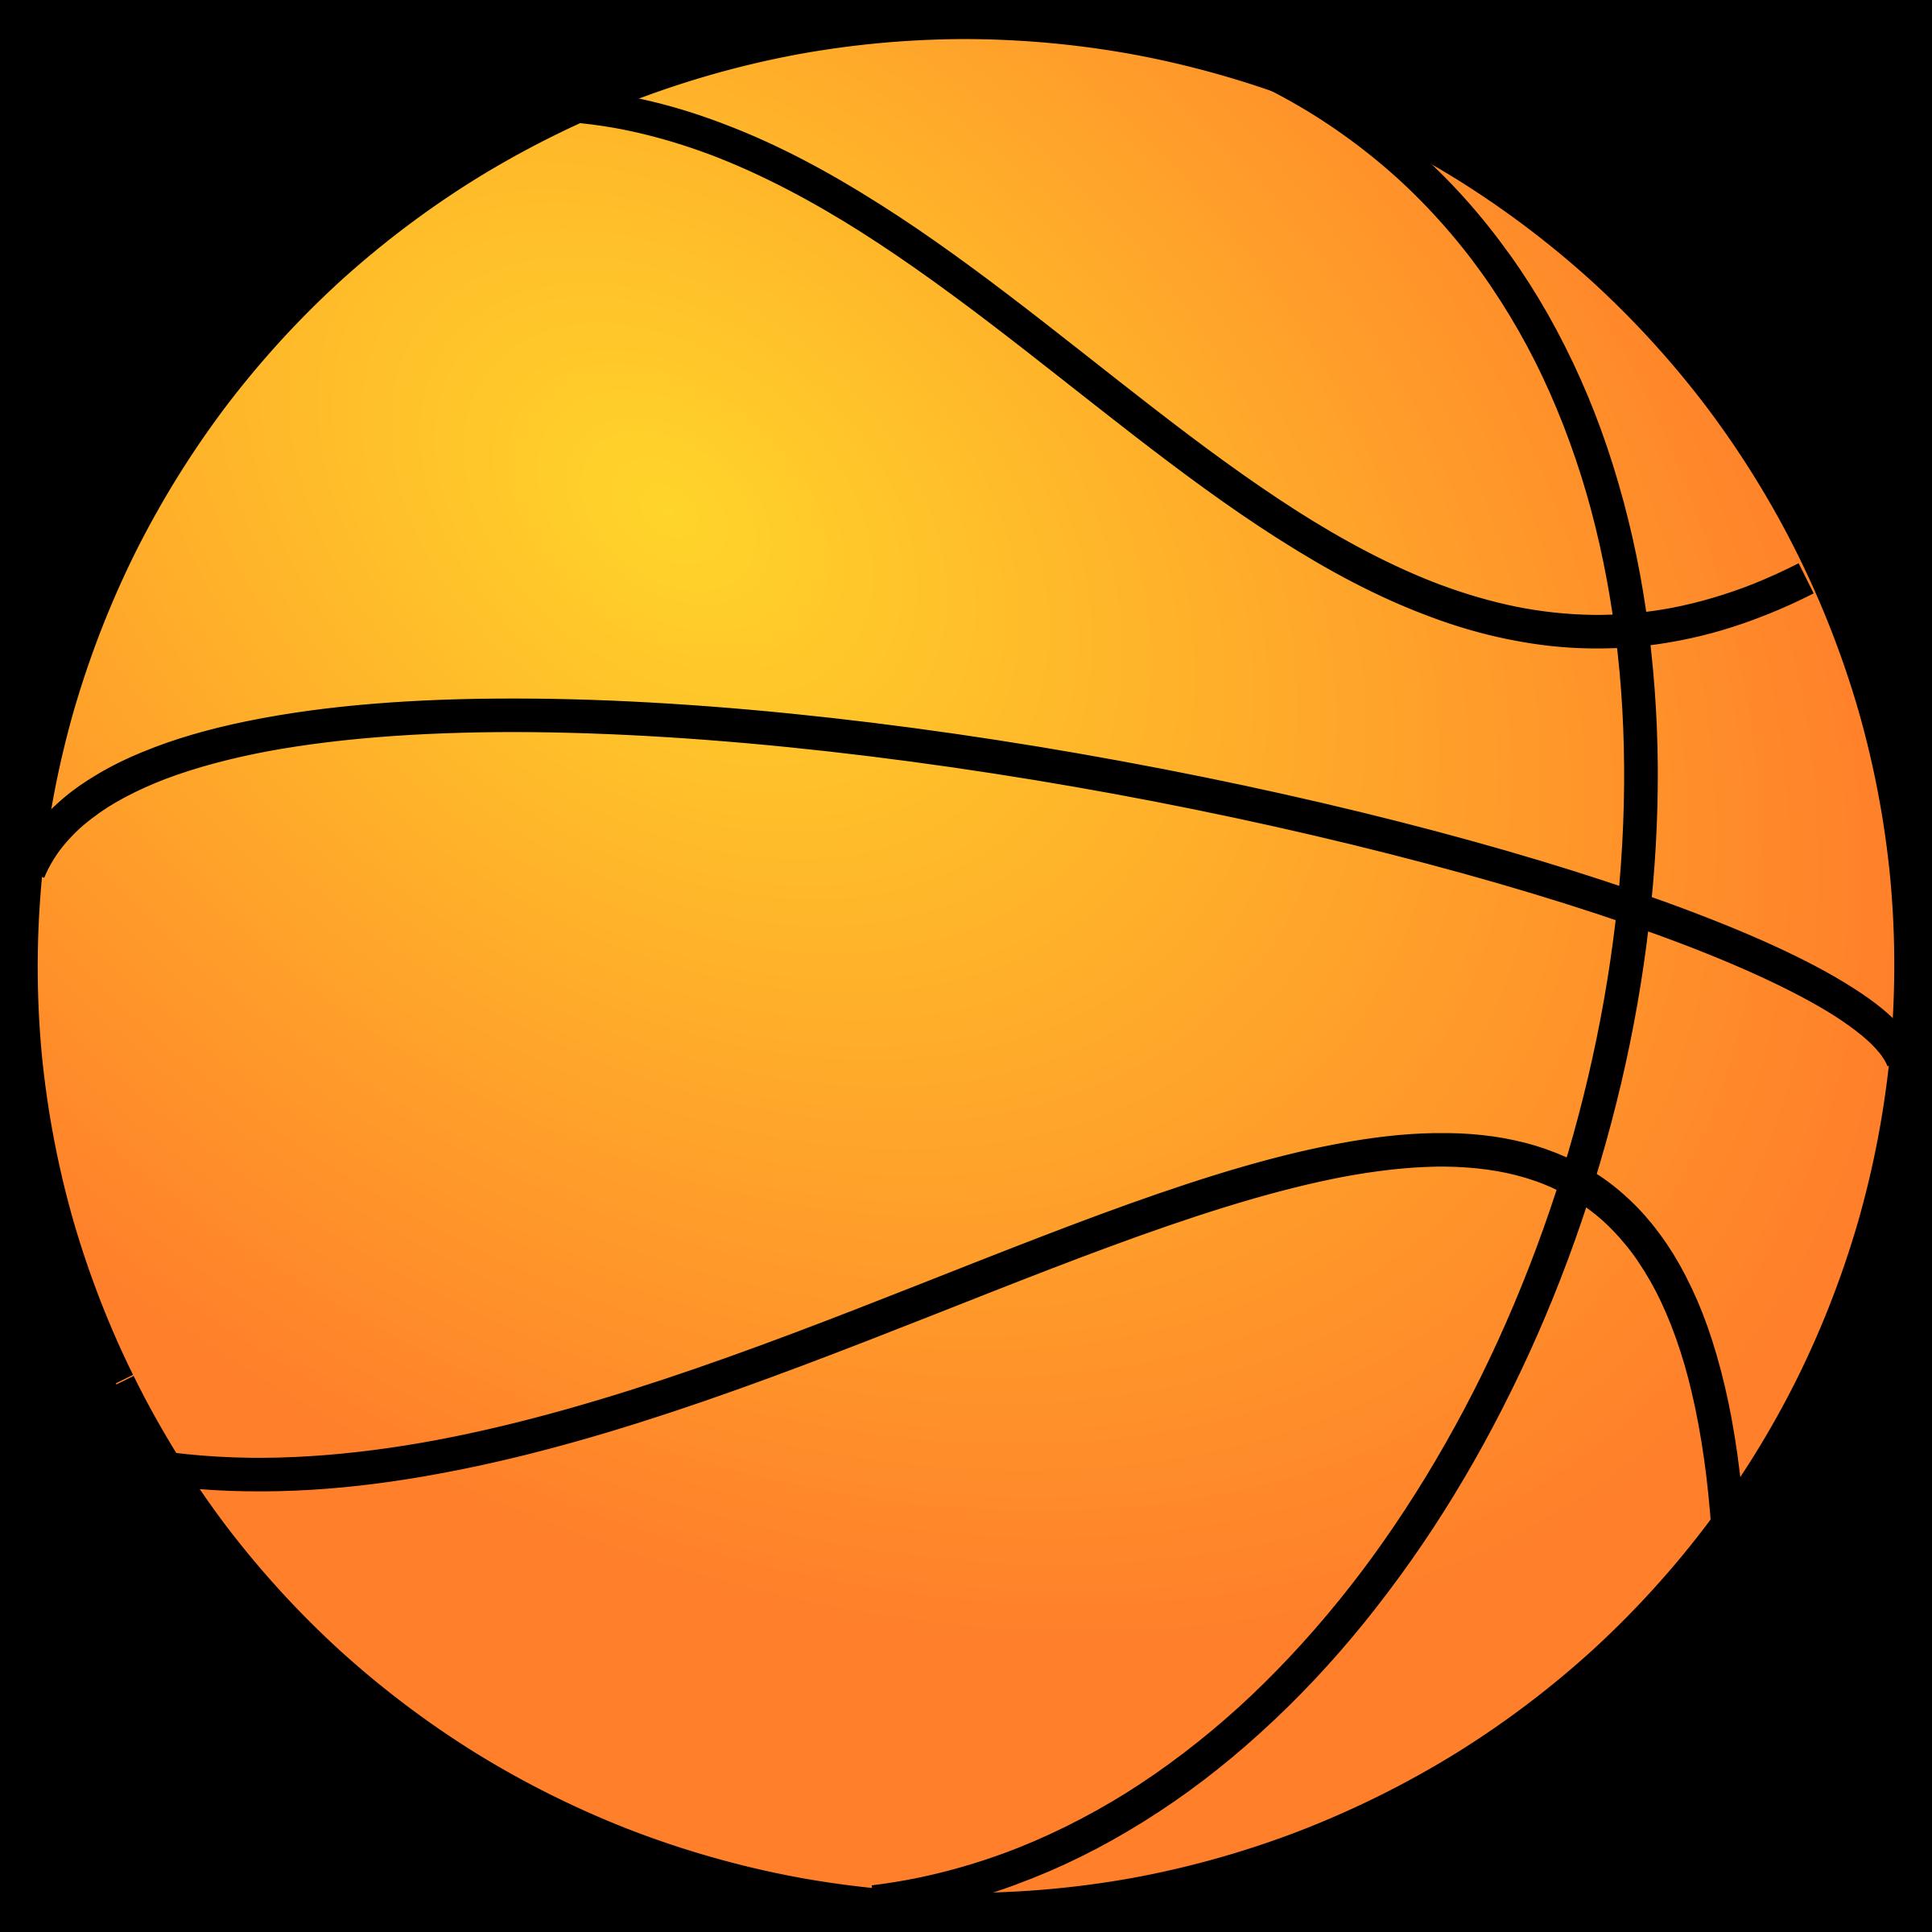 2400x2400 Basketball Hoop Clip Art Clipart Panda